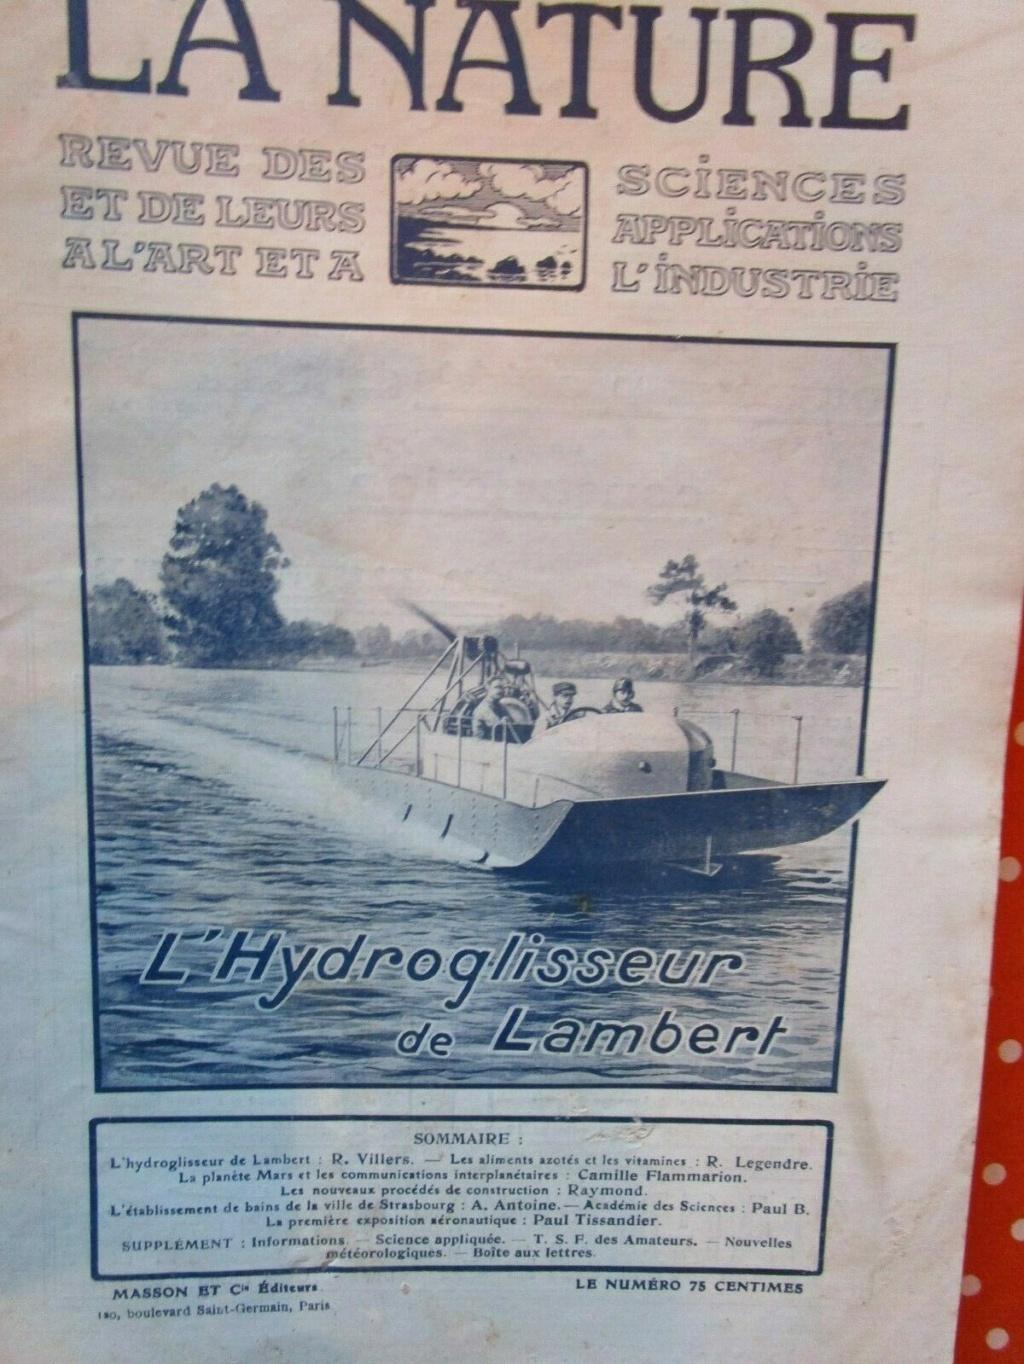 Flottille Maritime du Rhin - Mayence 1921 S-l16012